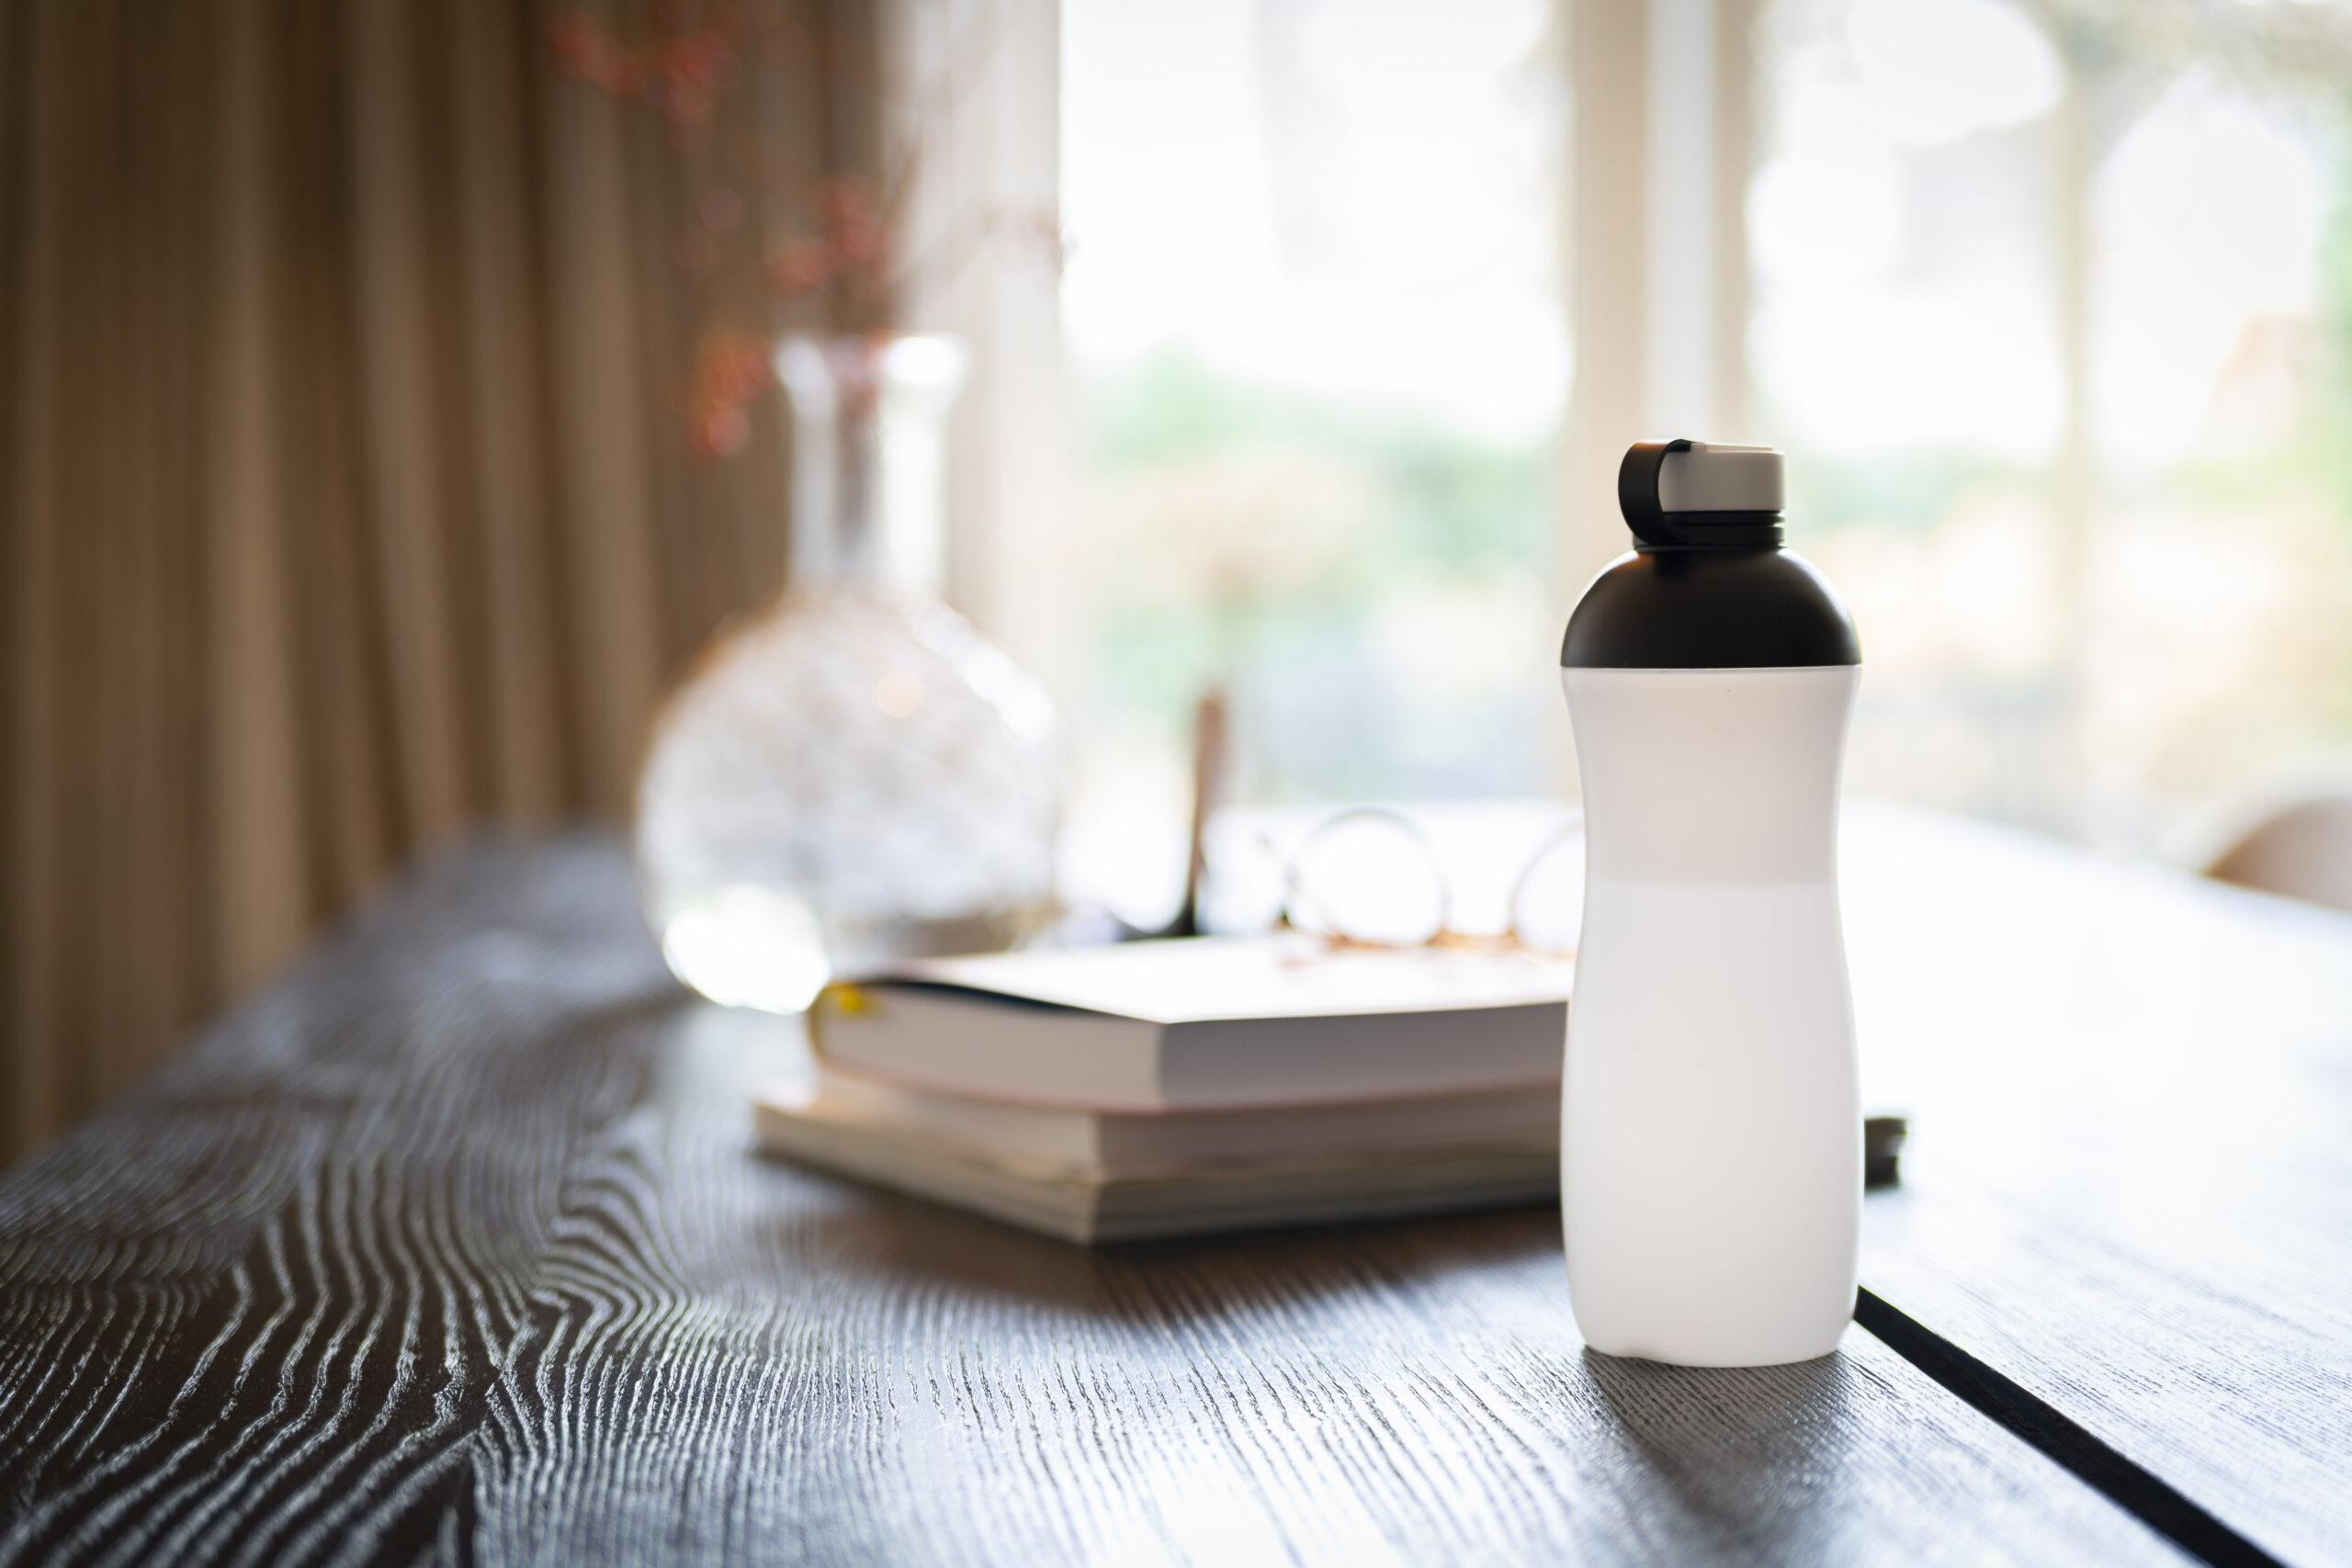 Oasus by Eurobottle | Einfach die haltbarste Trinkflasche